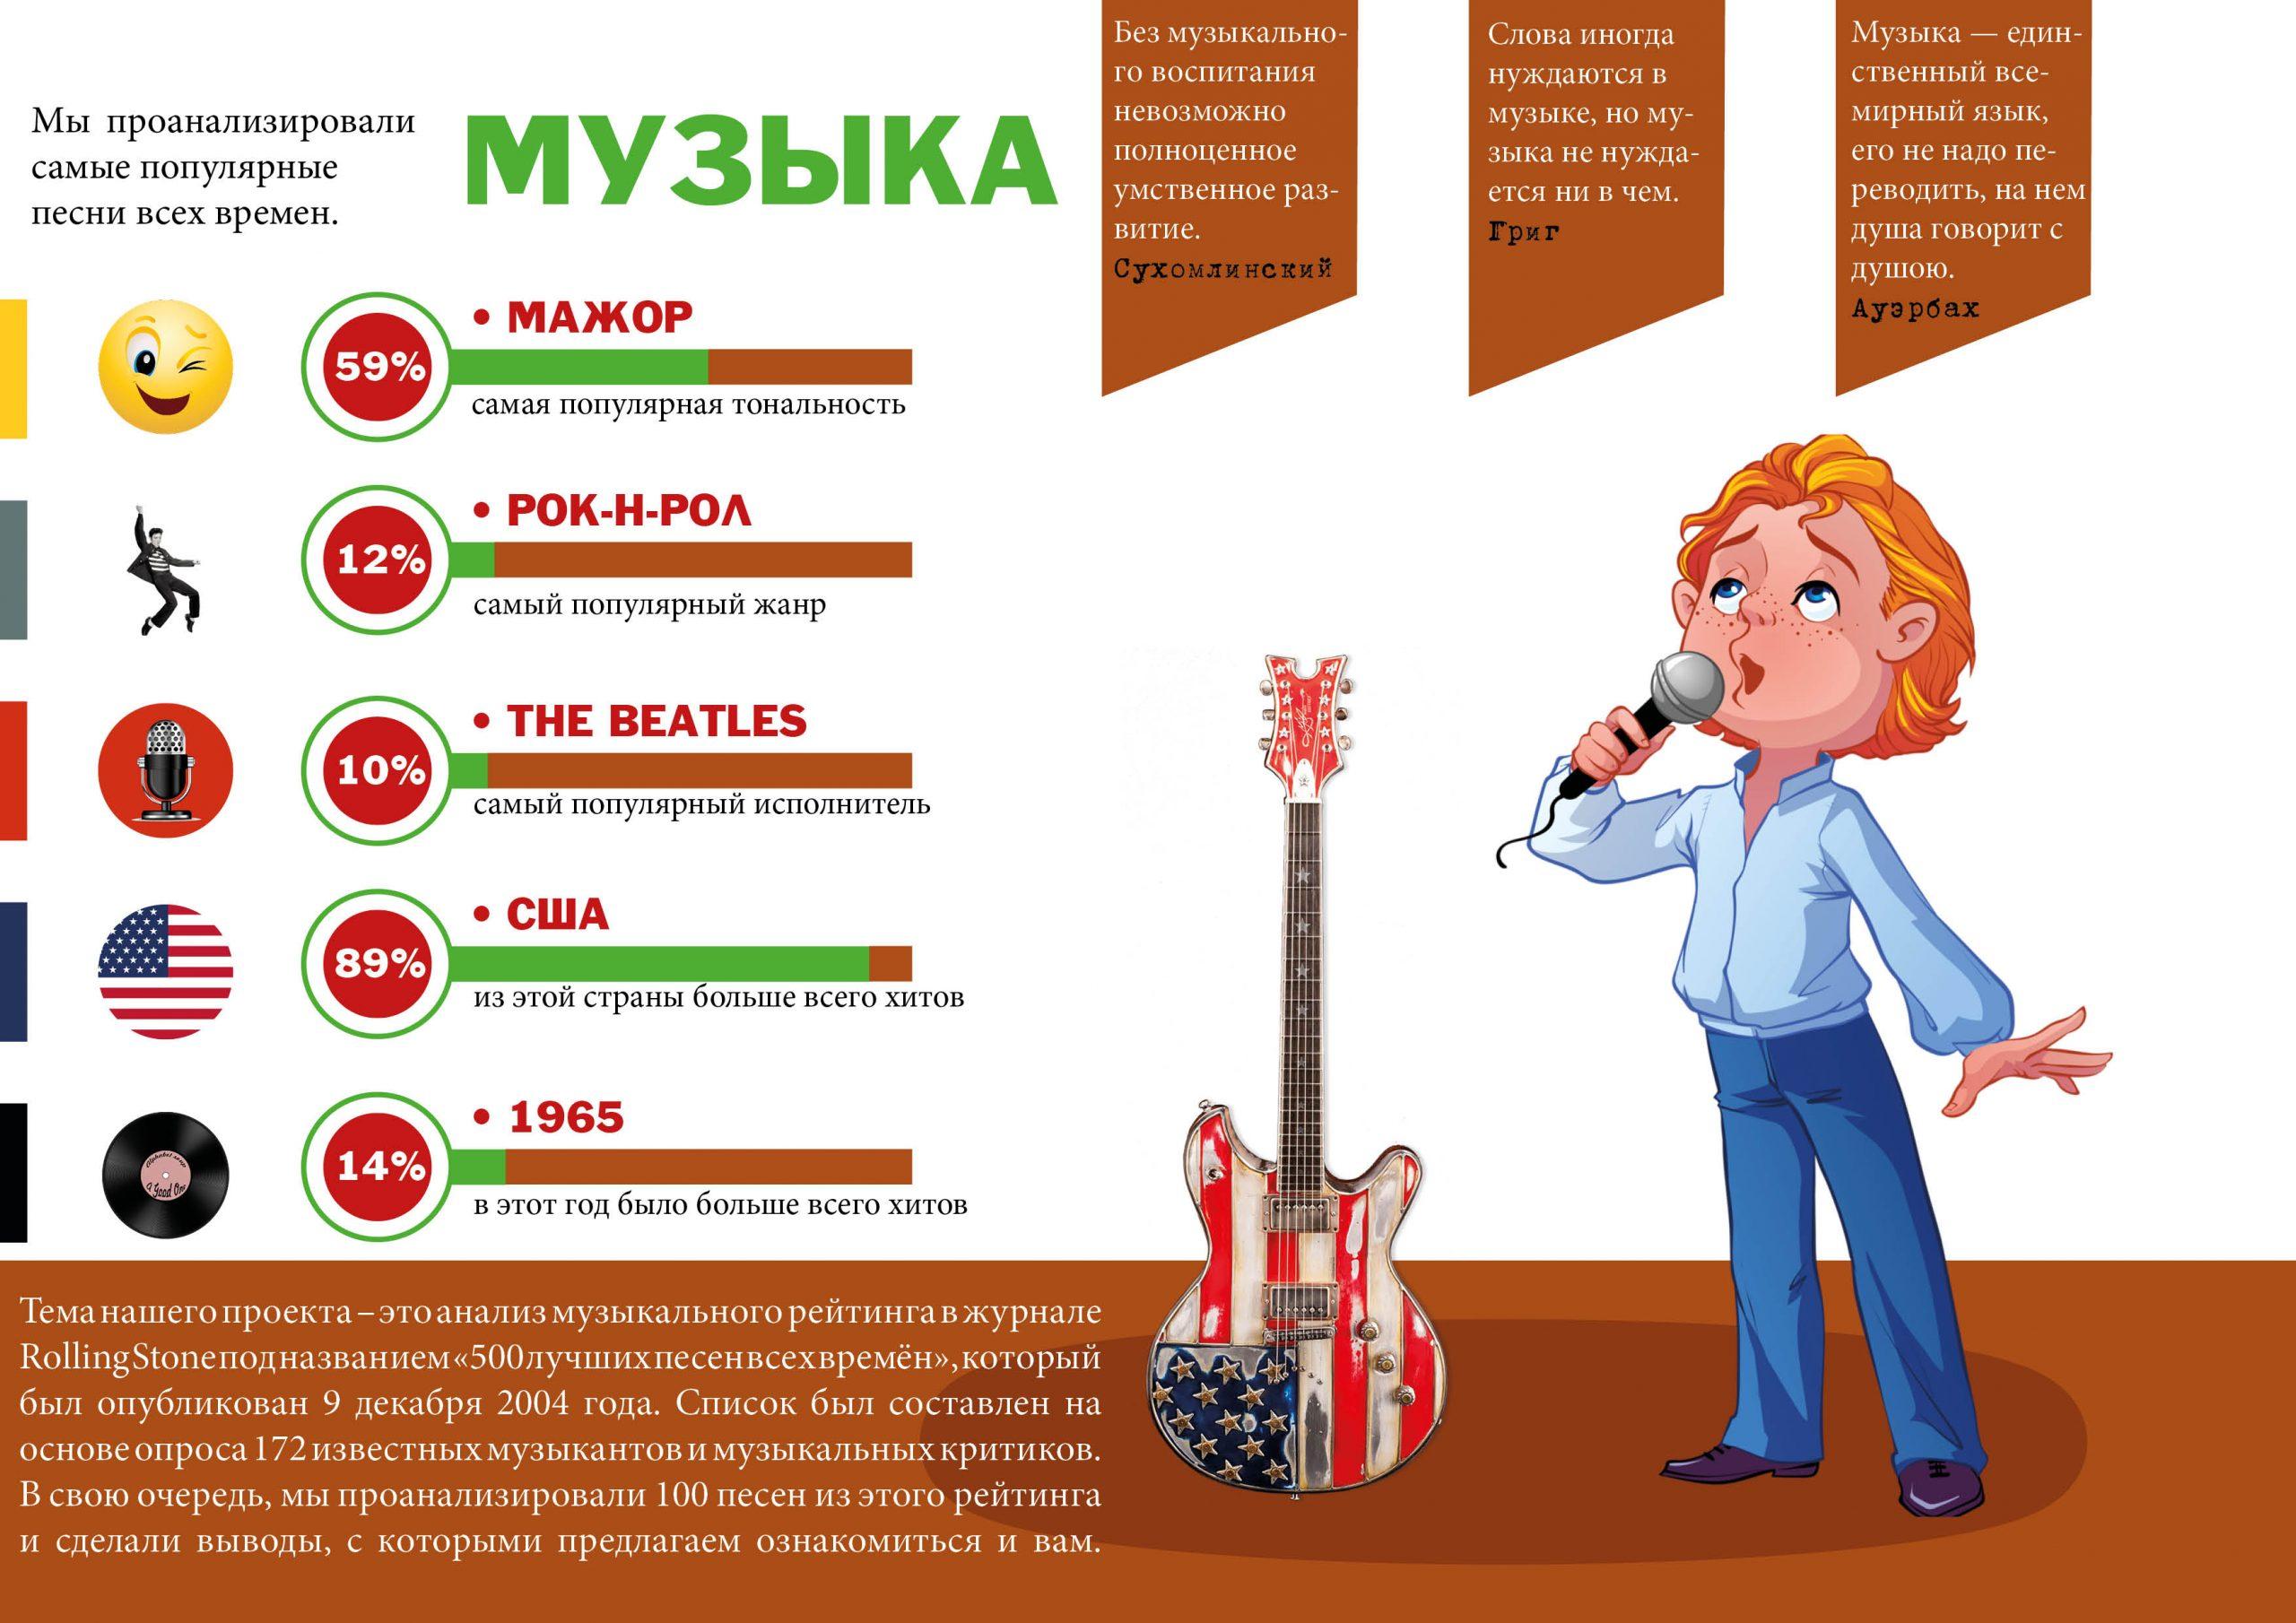 Как создать музыкальный хит (по данным журнала Rolling Stone) 15